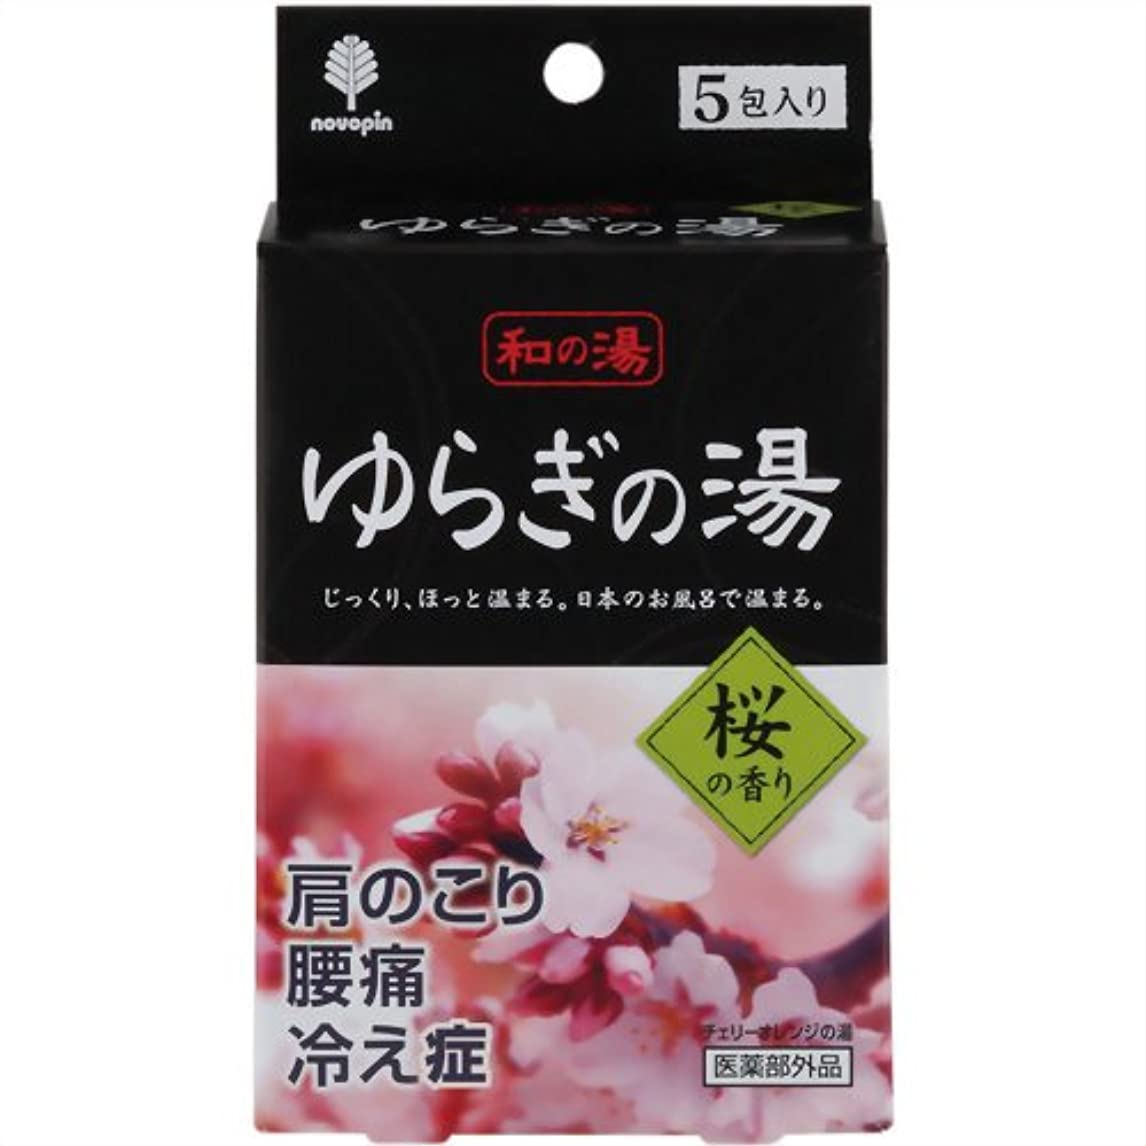 気まぐれな北西驚いた和の湯 ゆらぎの湯 桜の香り 5包入